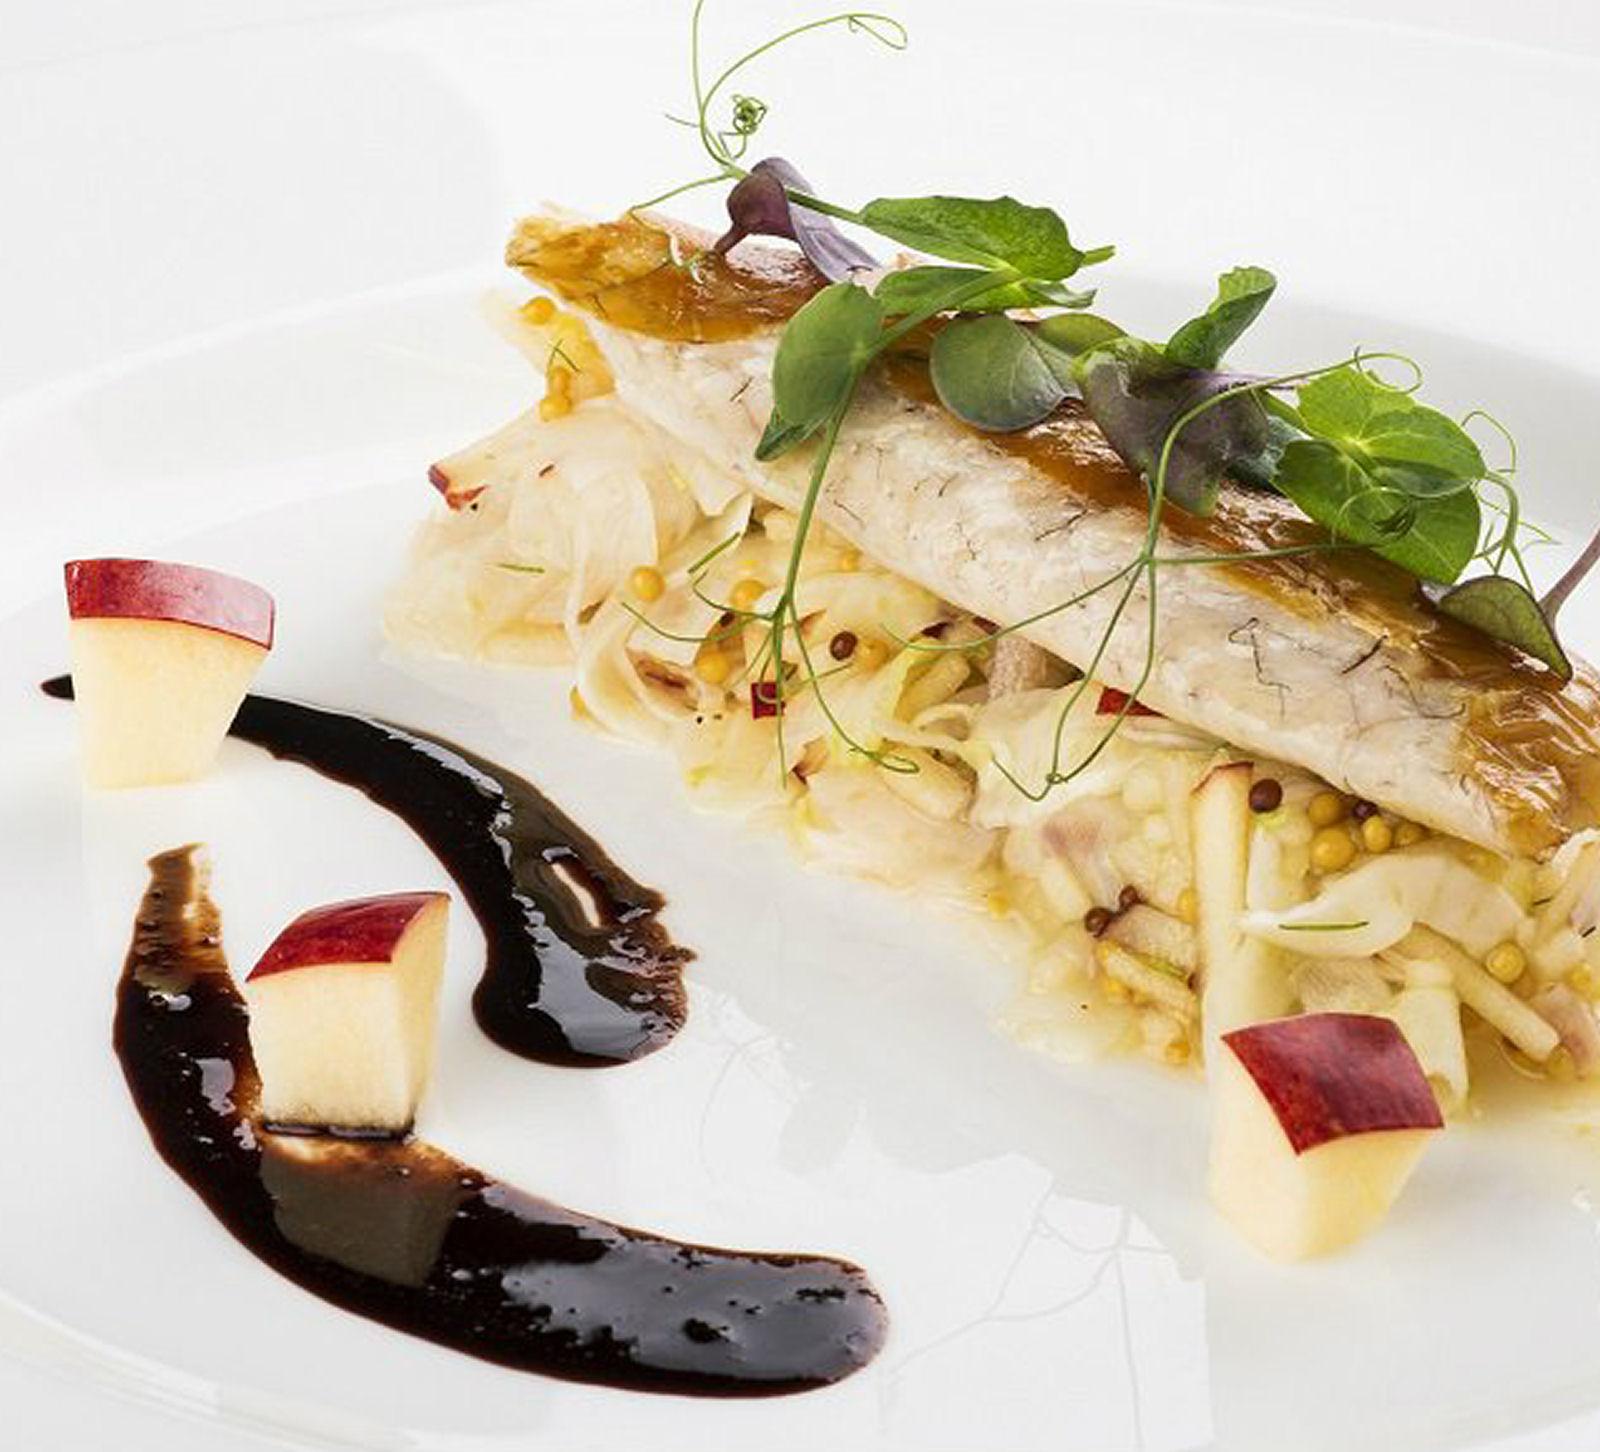 bled-castle-restaurant-04-slovenia